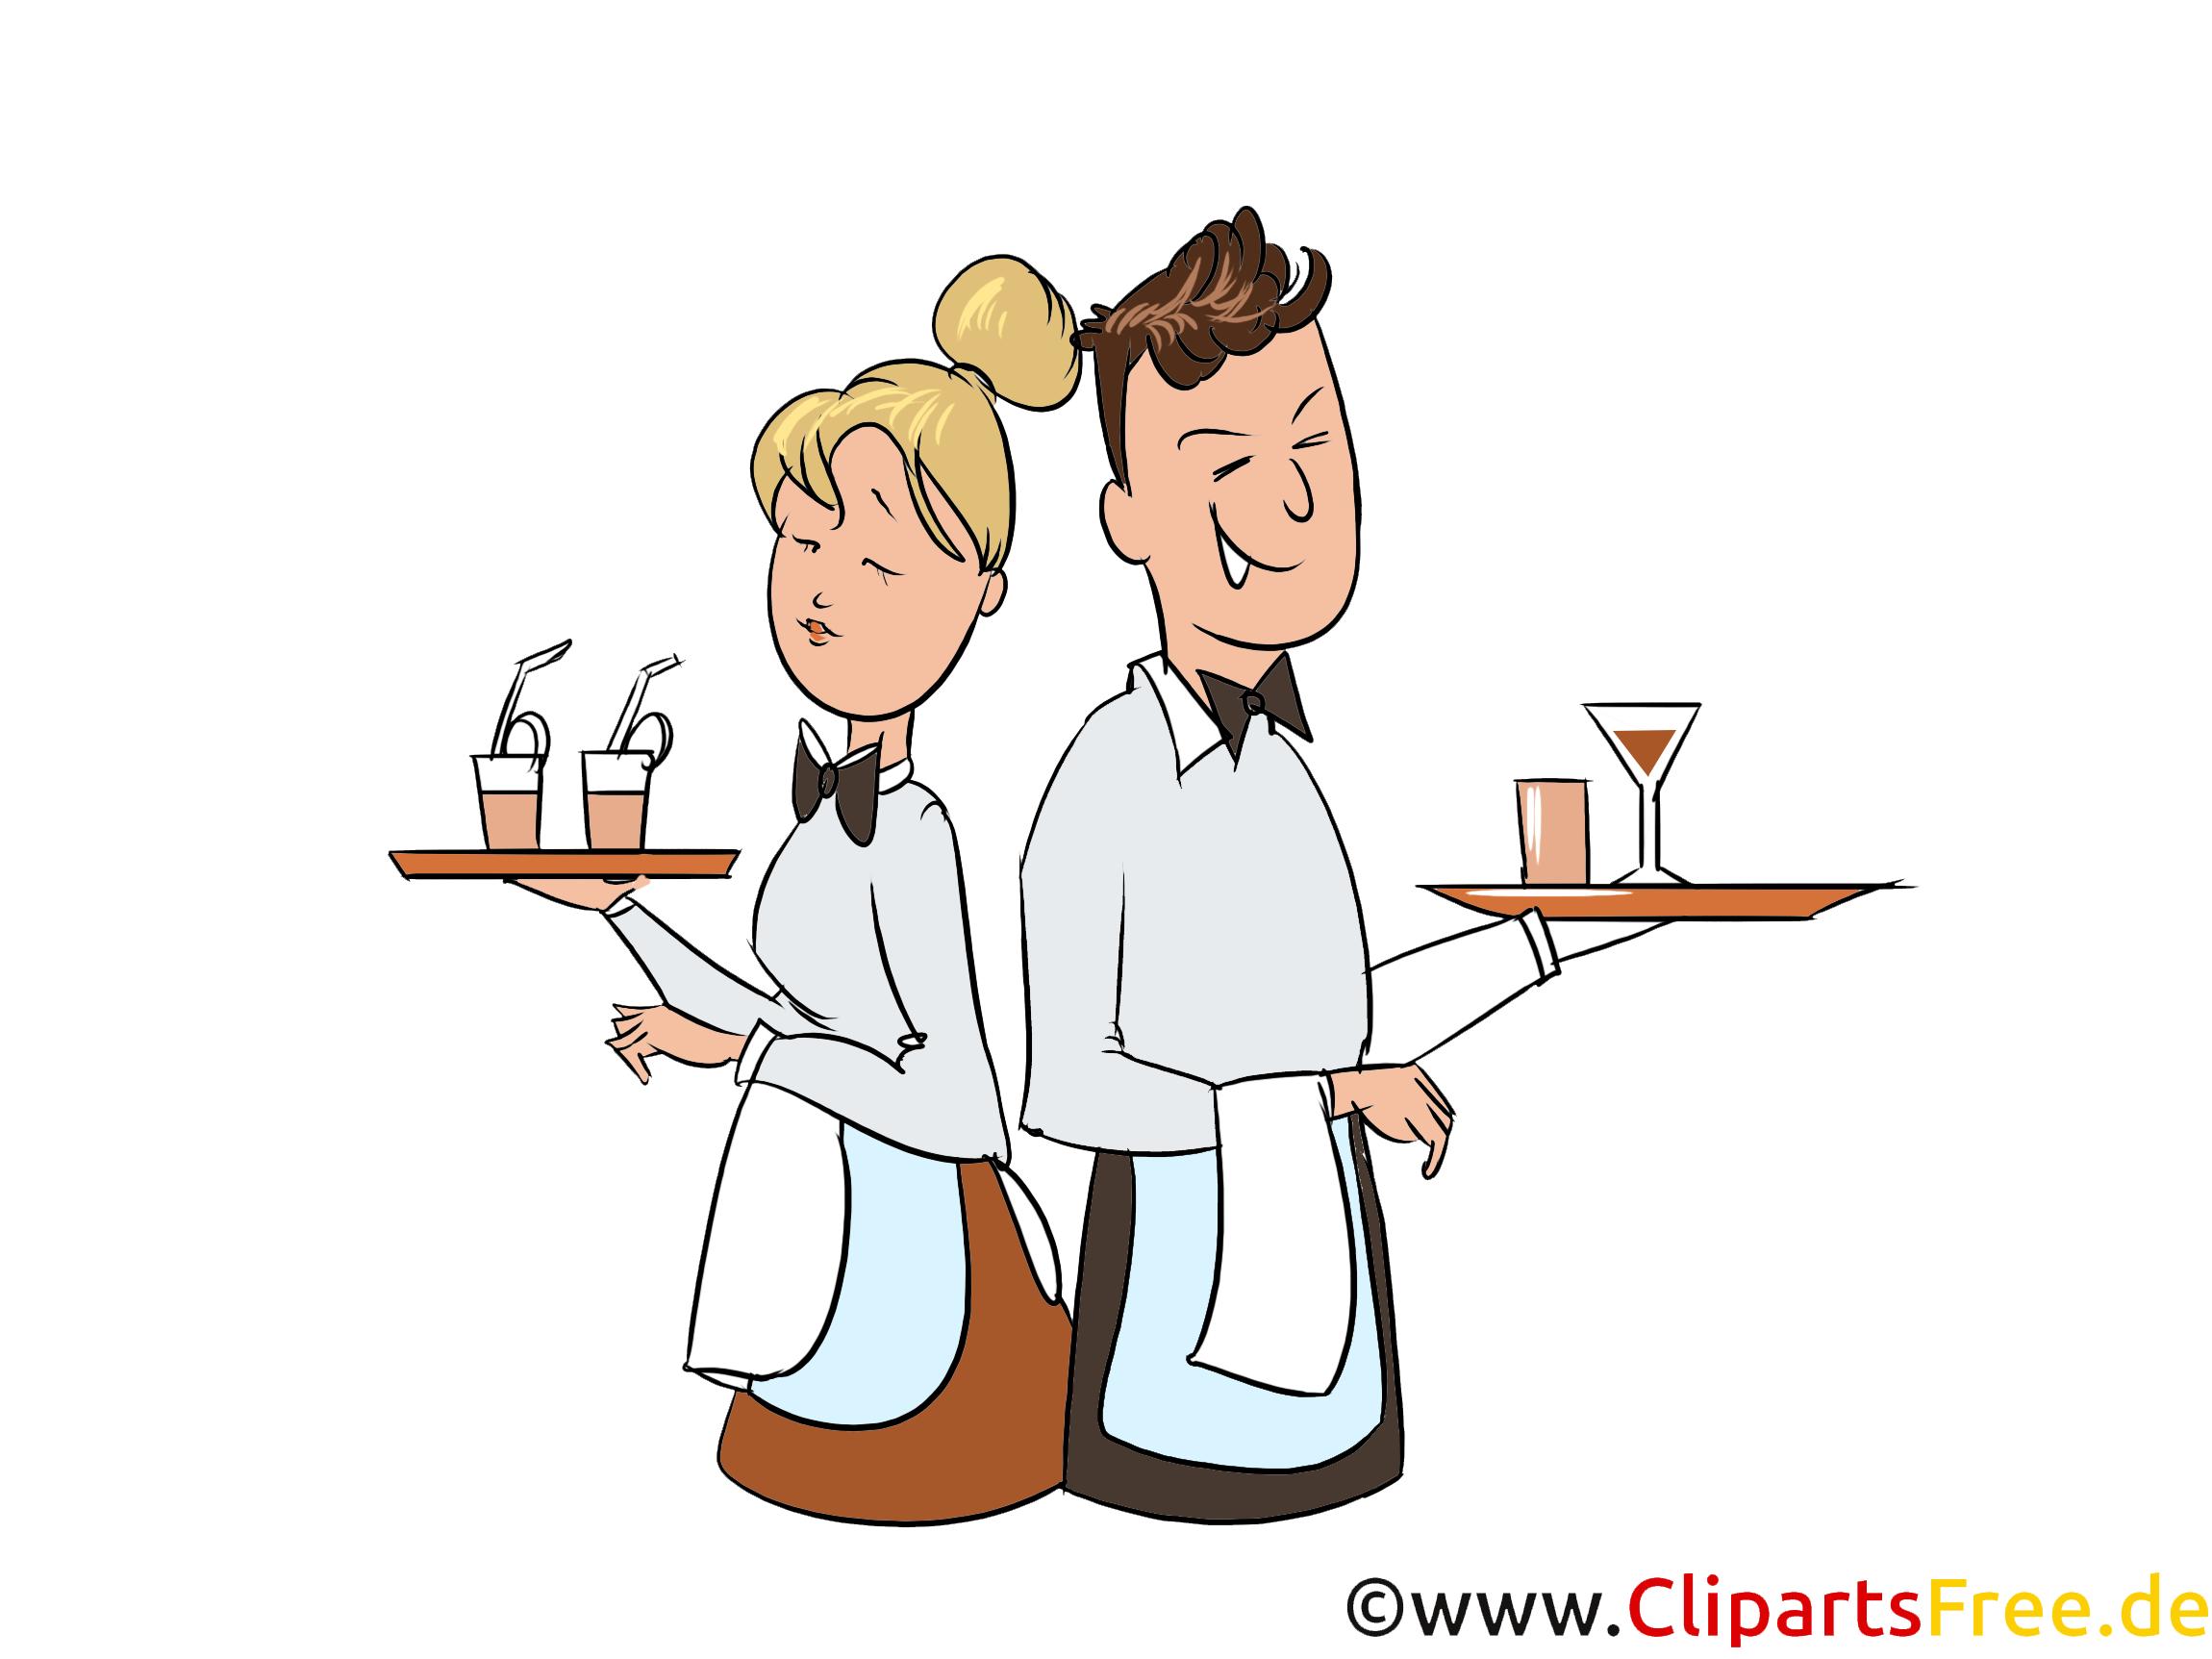 Gastronomie Clipart - Kellner und Kellnerin Illustration